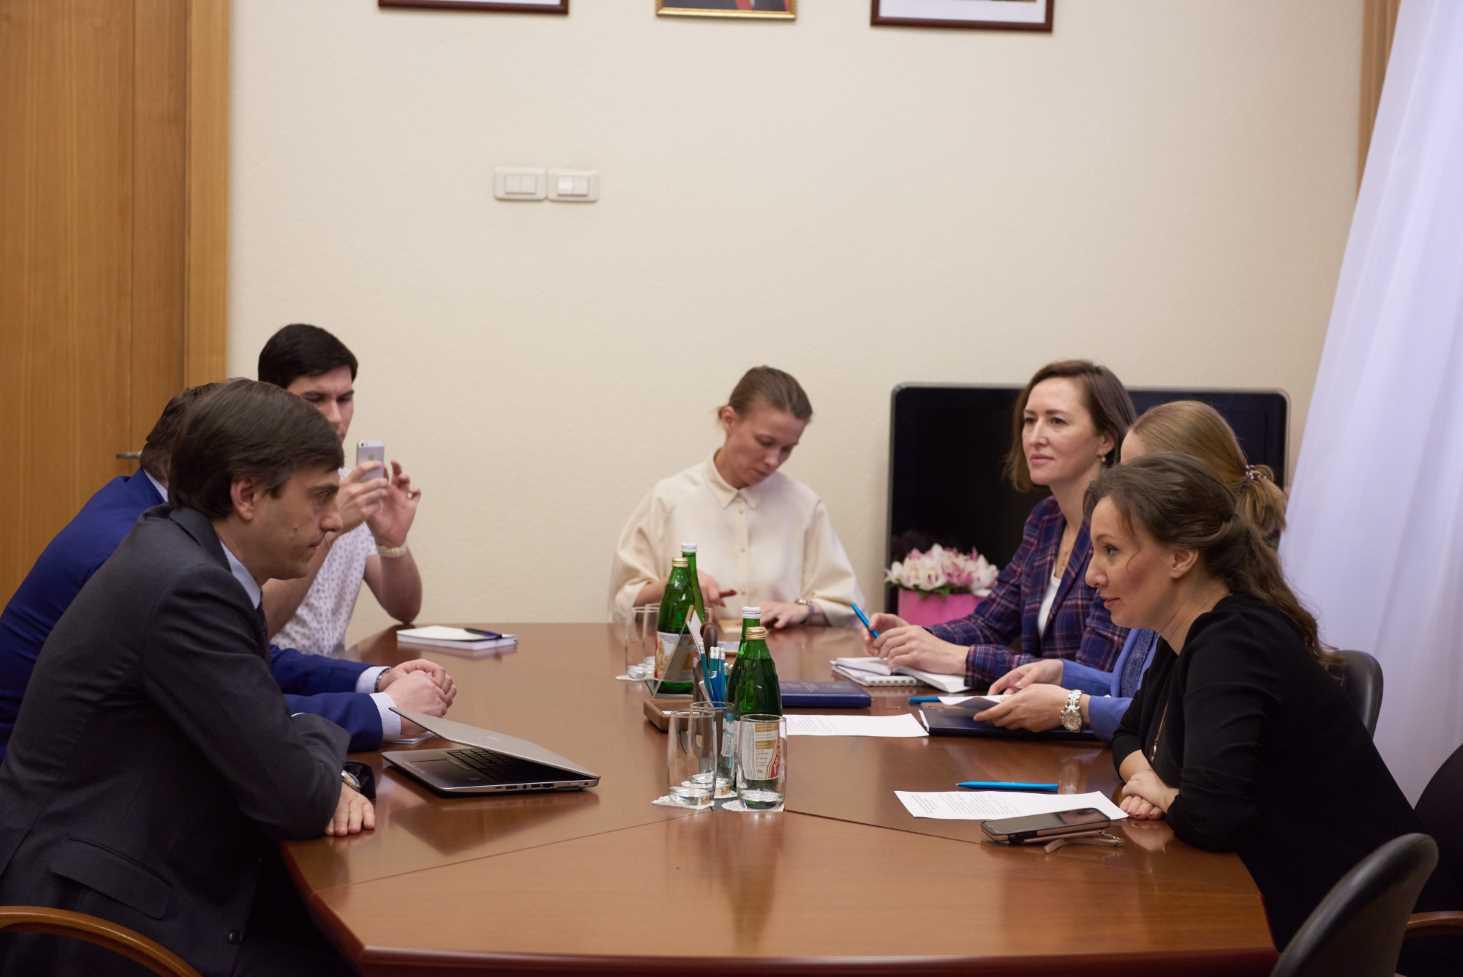 v-rossii-projdet-pervyj-forum-klassnyh-rukovoditelej